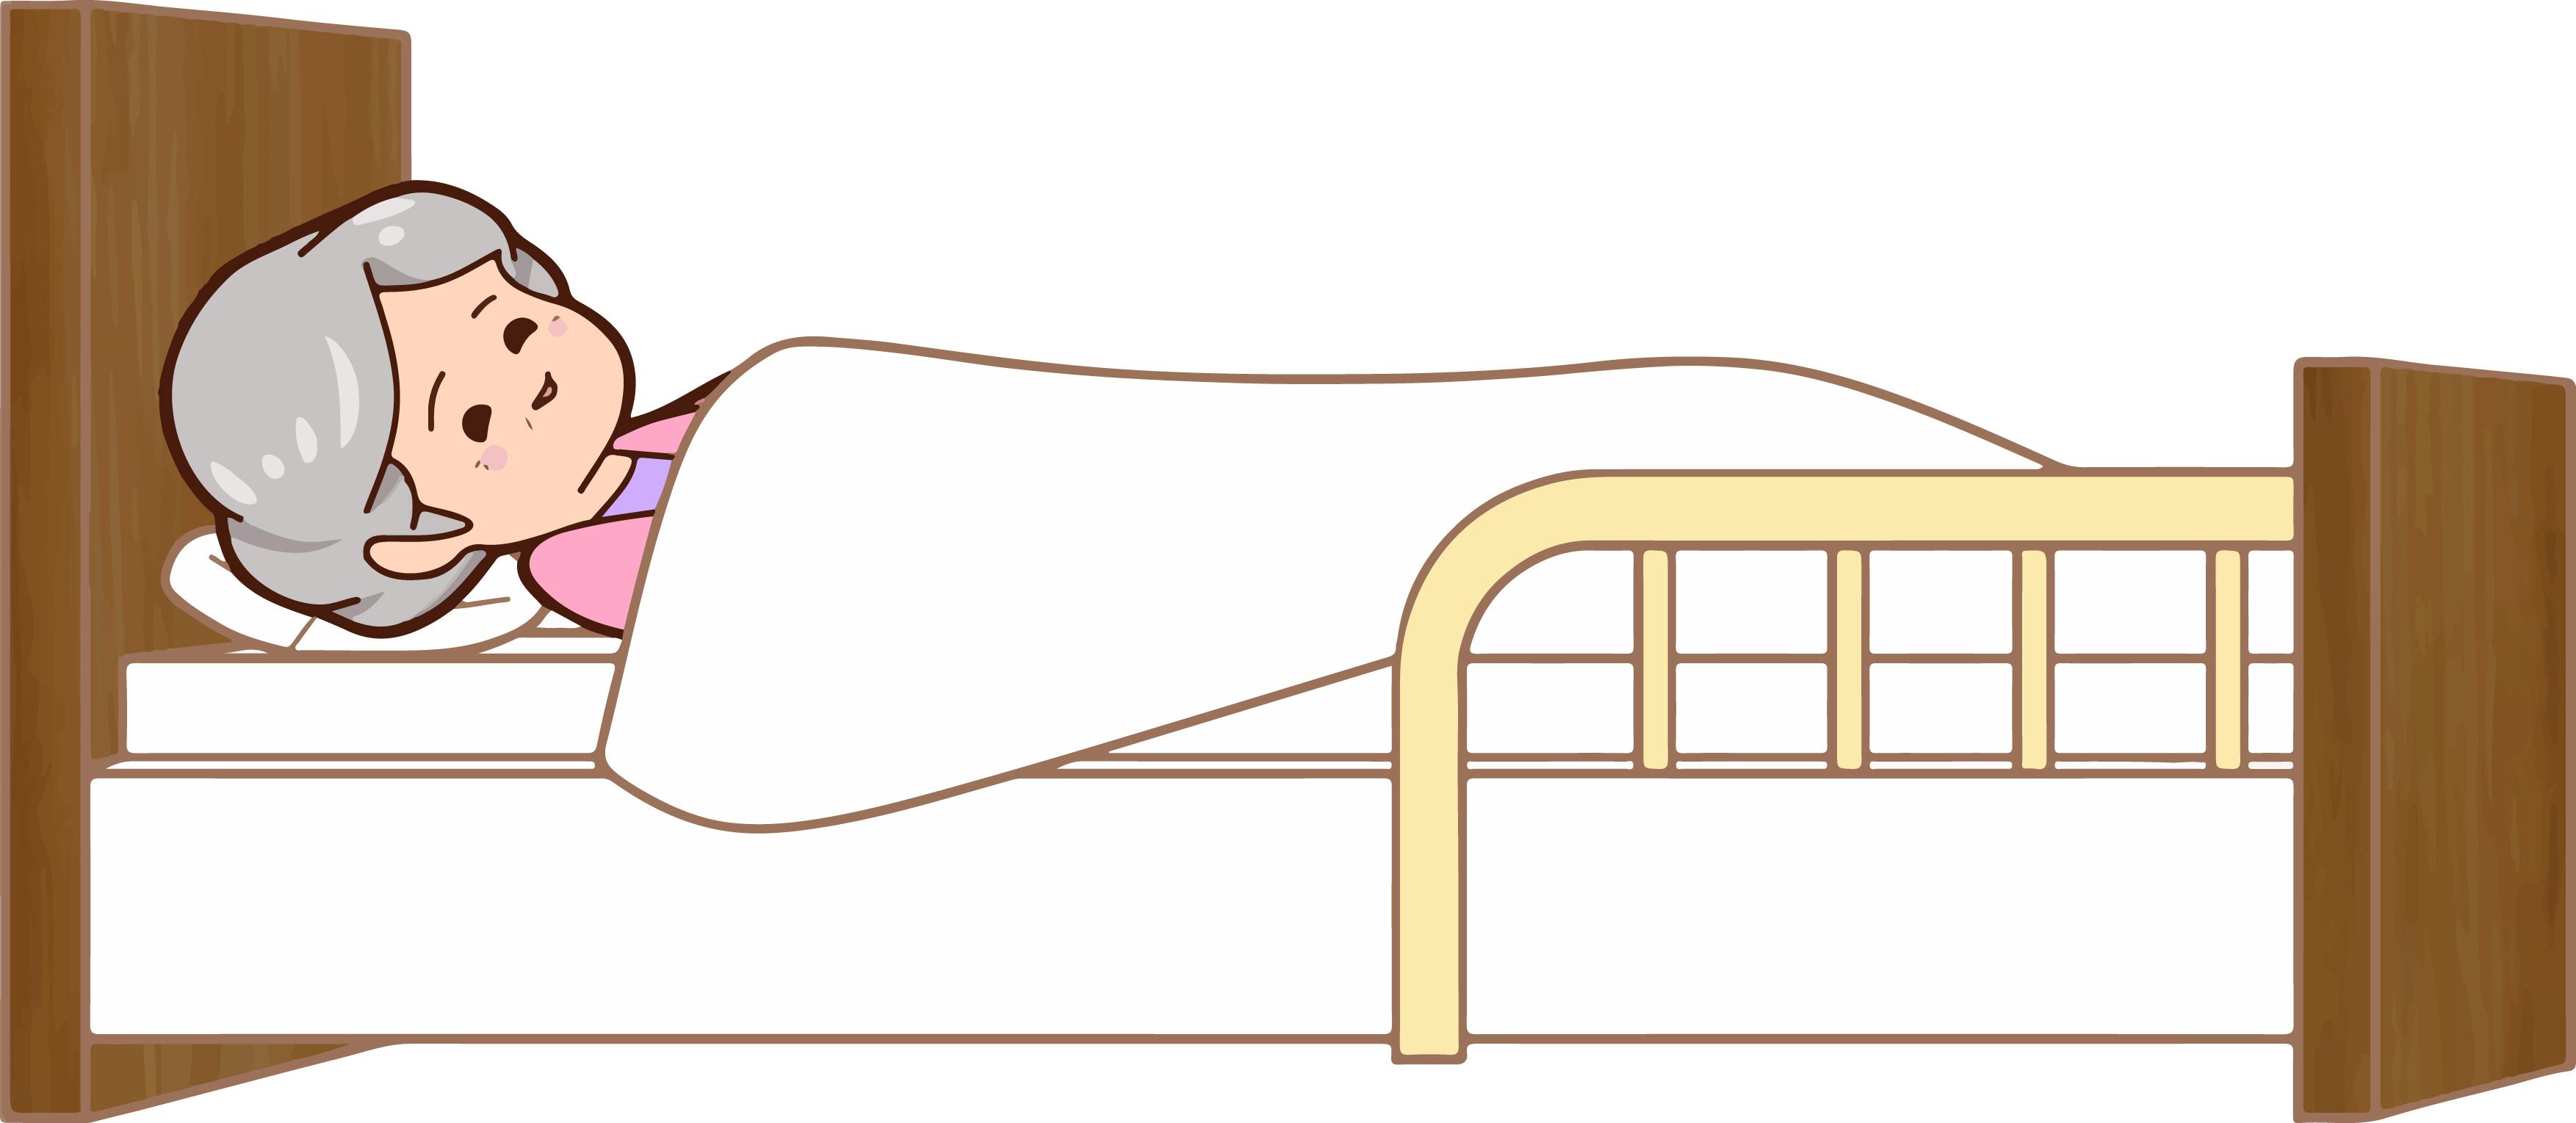 認知症高齢者へのアロマテラピーの実践で睡眠時間が長くなる